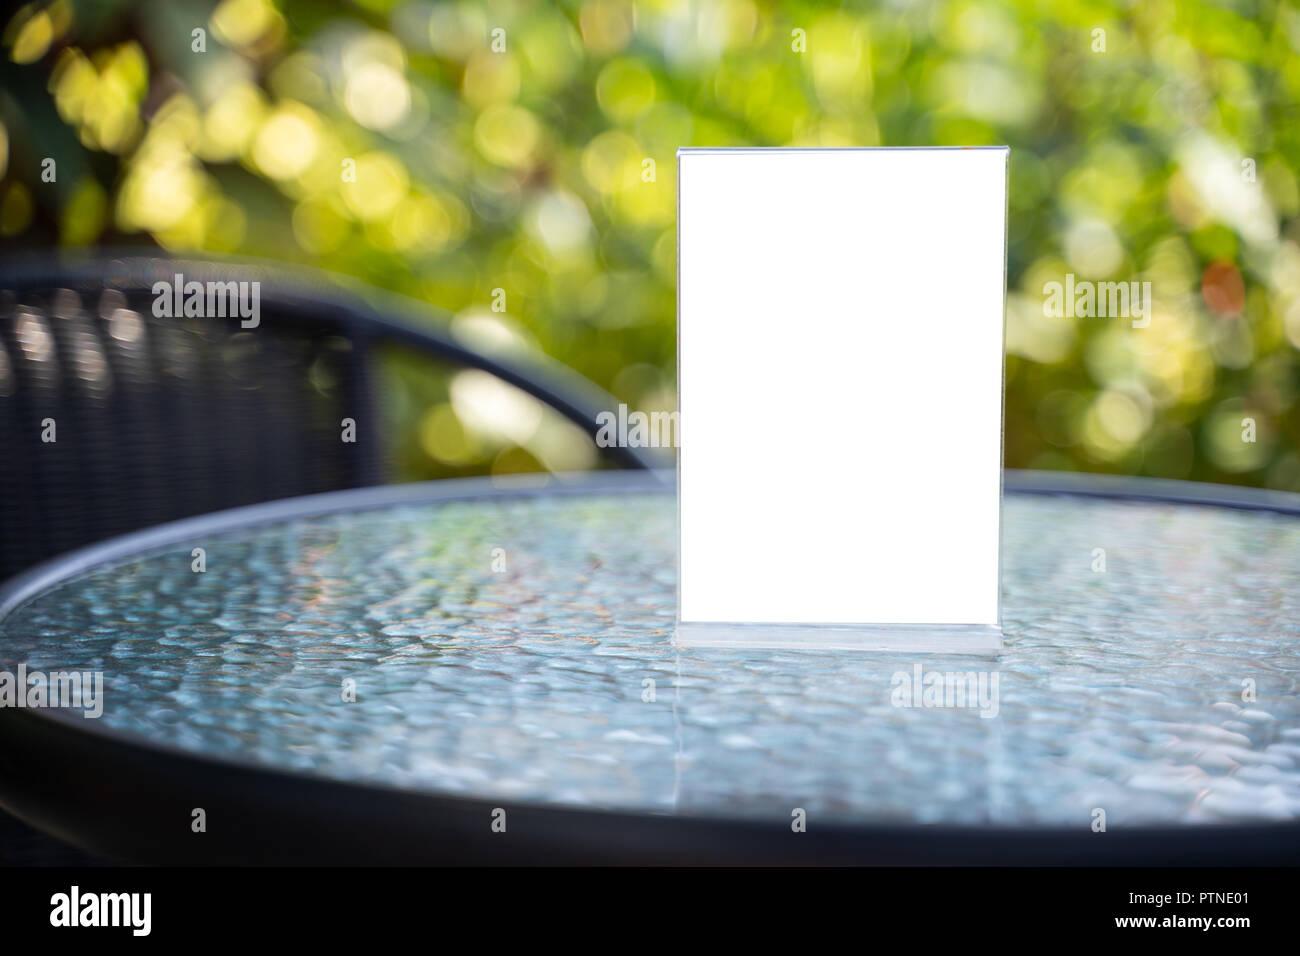 Menu background layout